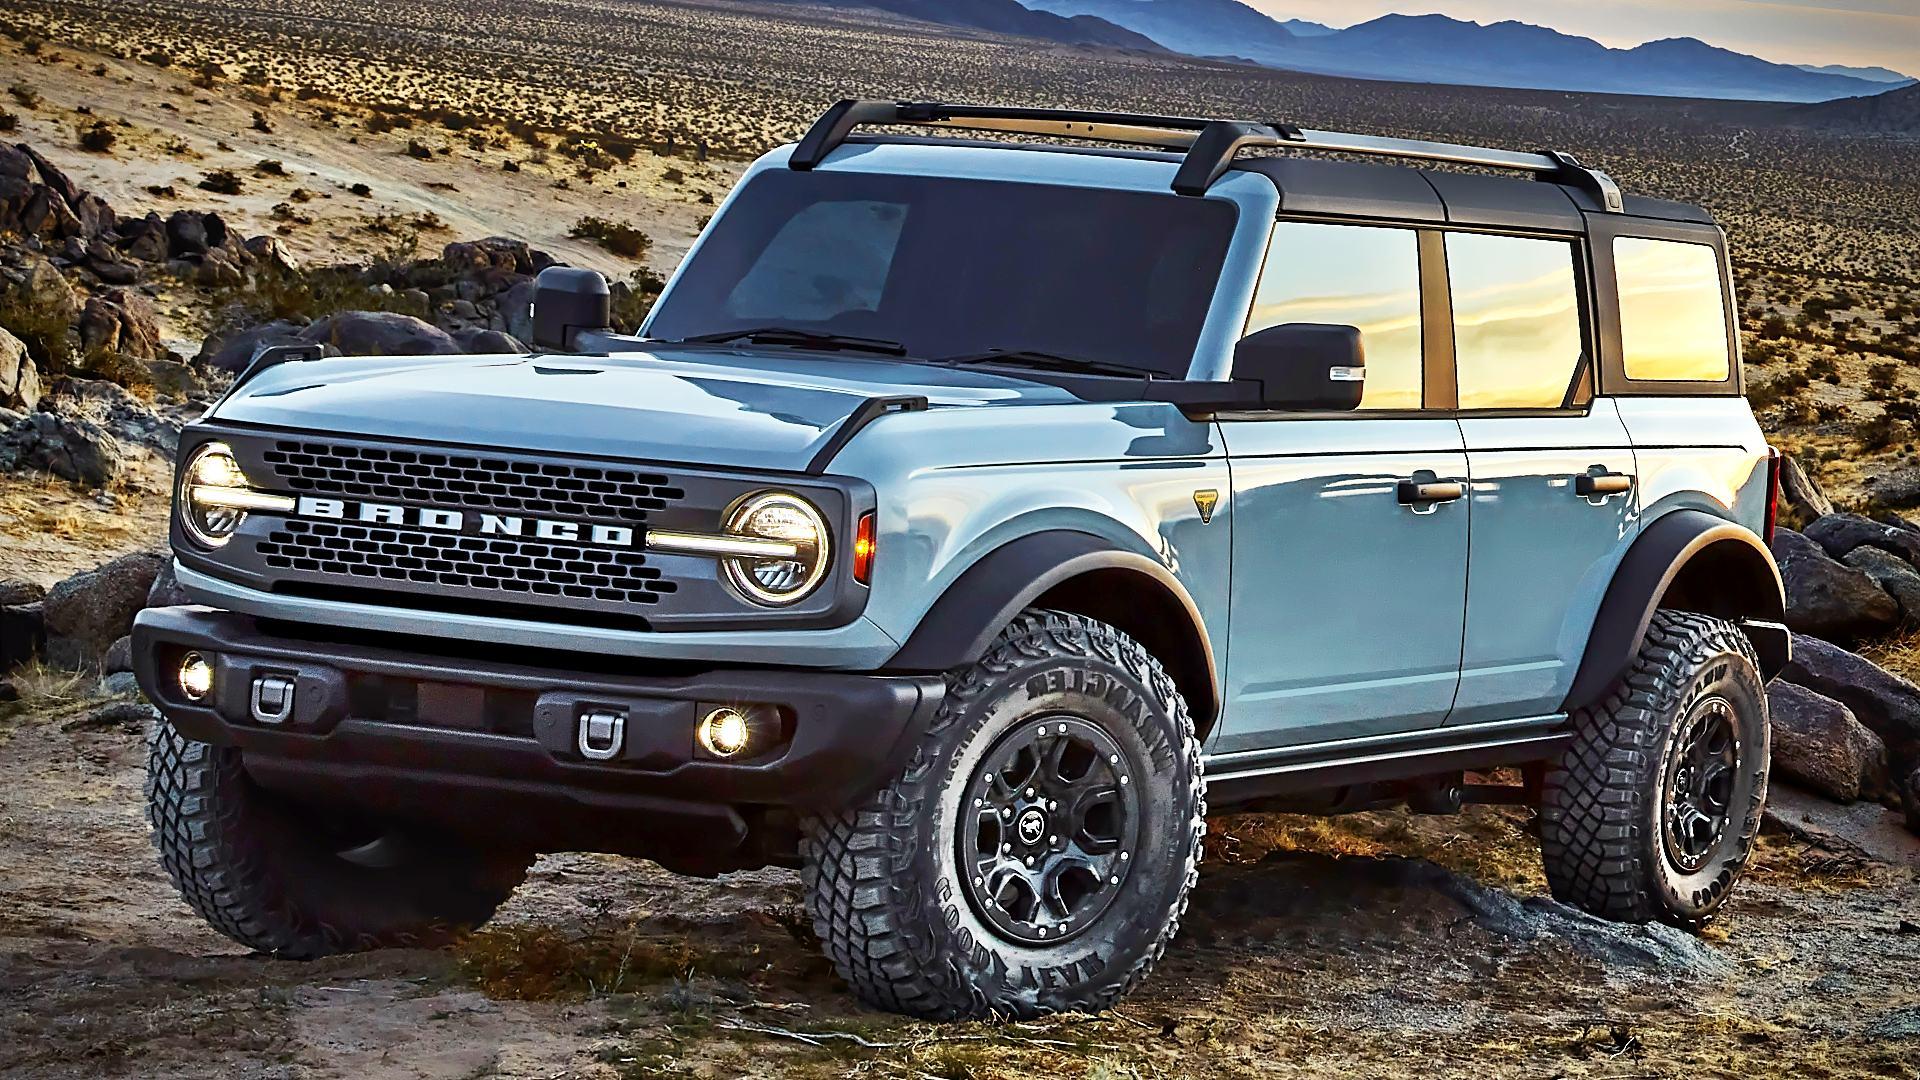 2021 Ford Bronco 4 Door Pictures